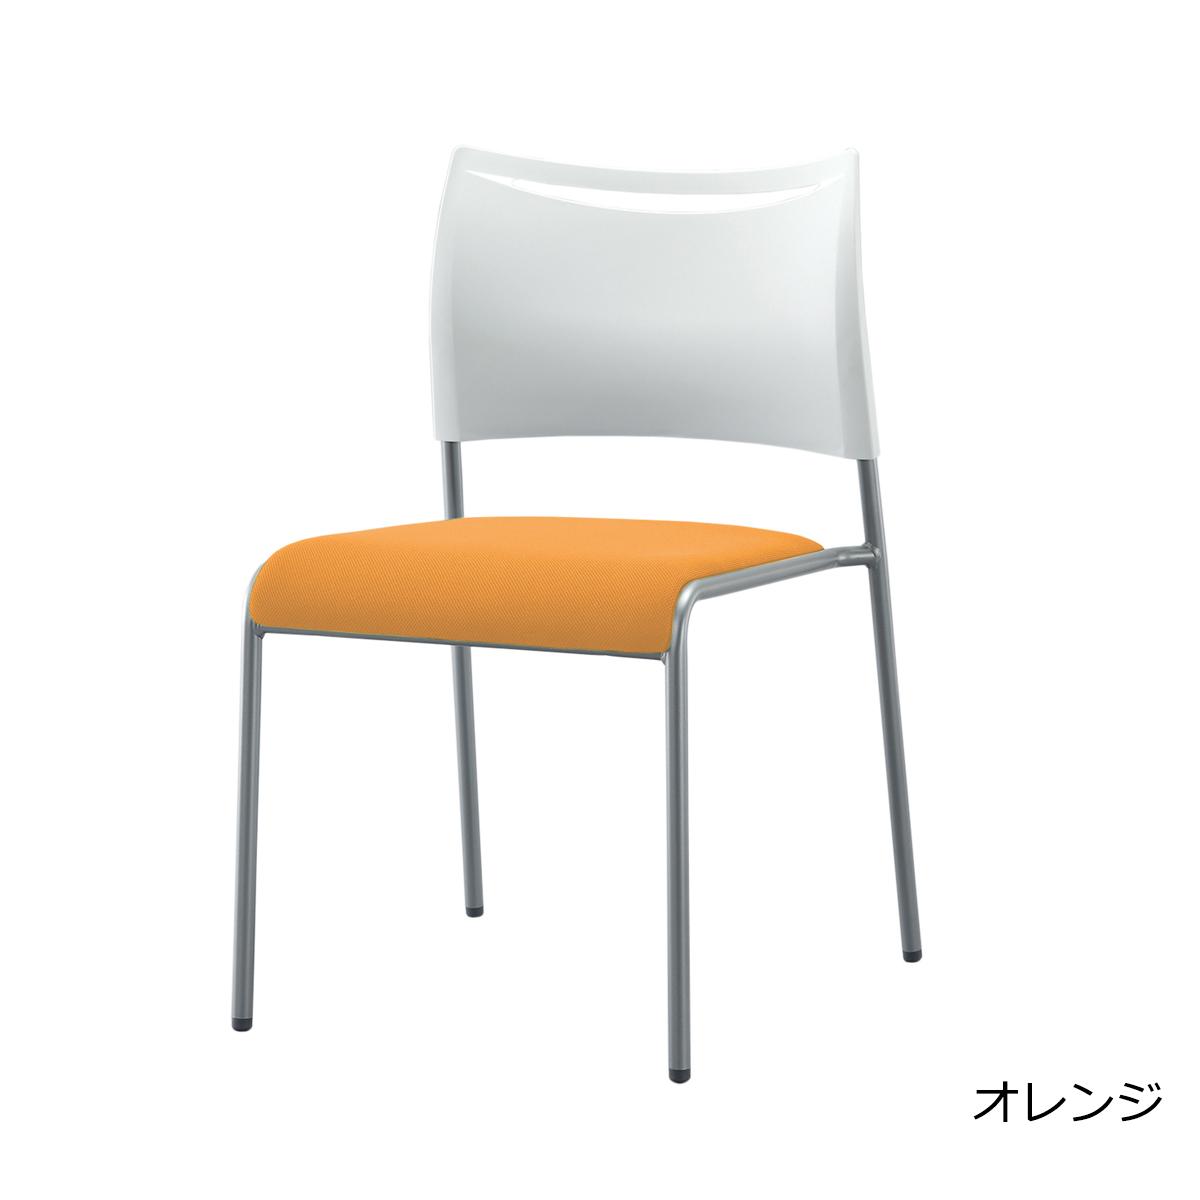 ミーティングチェア スタッキングチェア 会議用椅子 | 【4脚セット】 I-LTS-4F